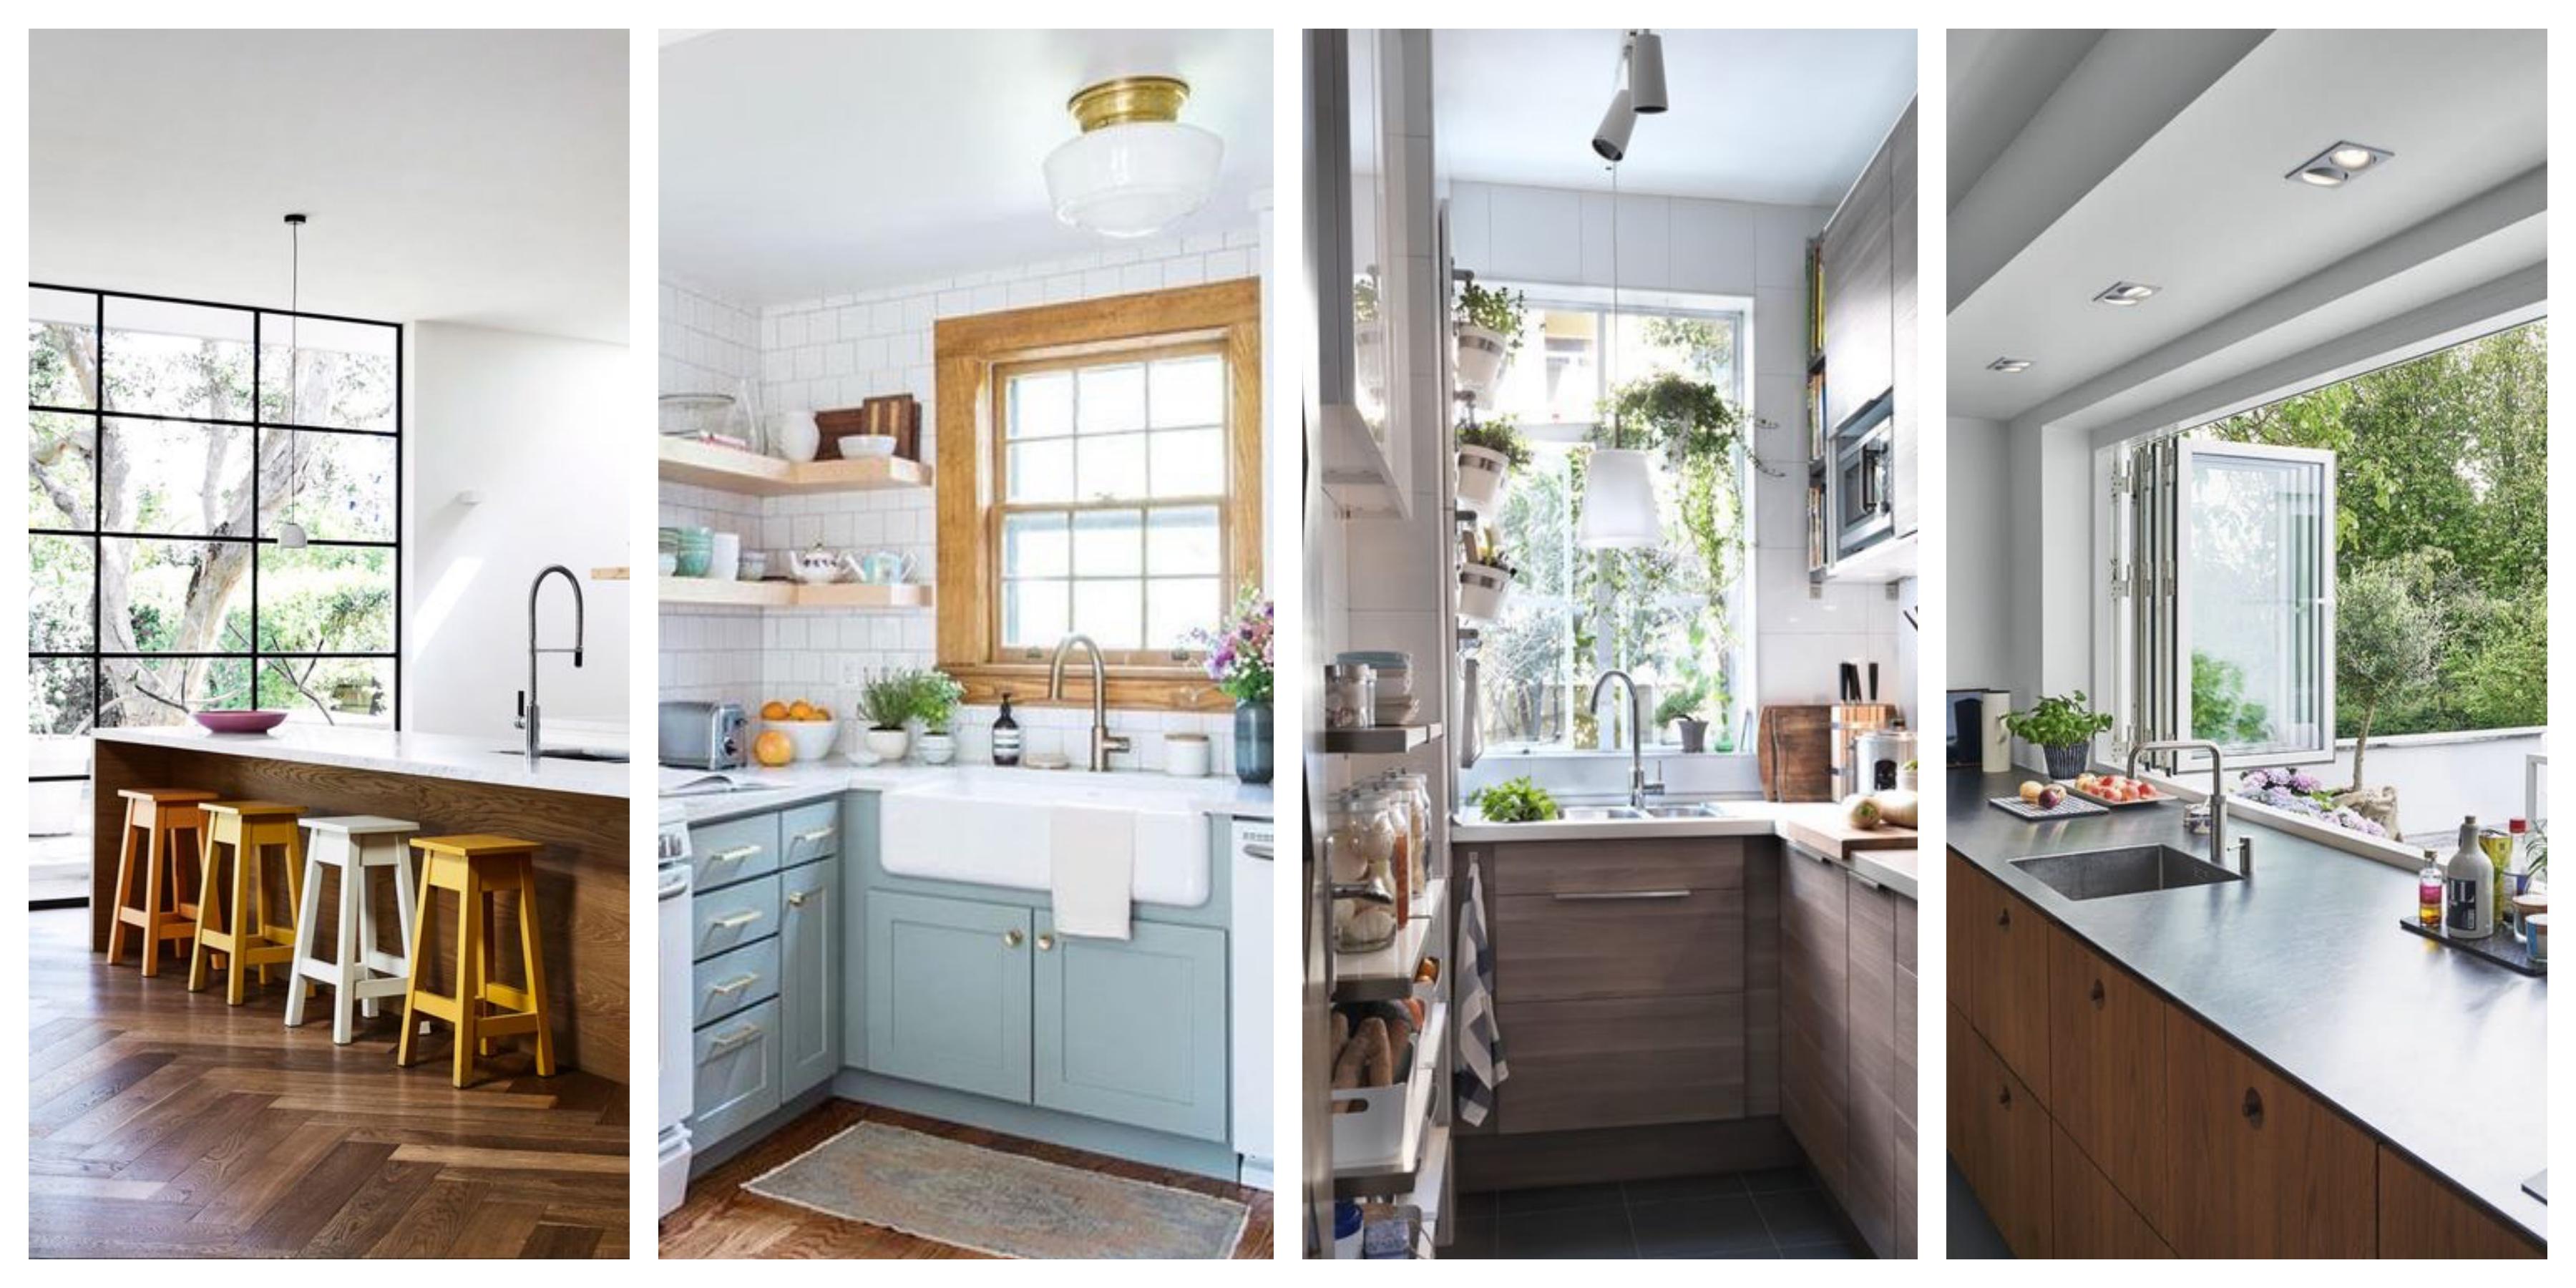 Okno v kuchyni - inspirace, fotogalerie